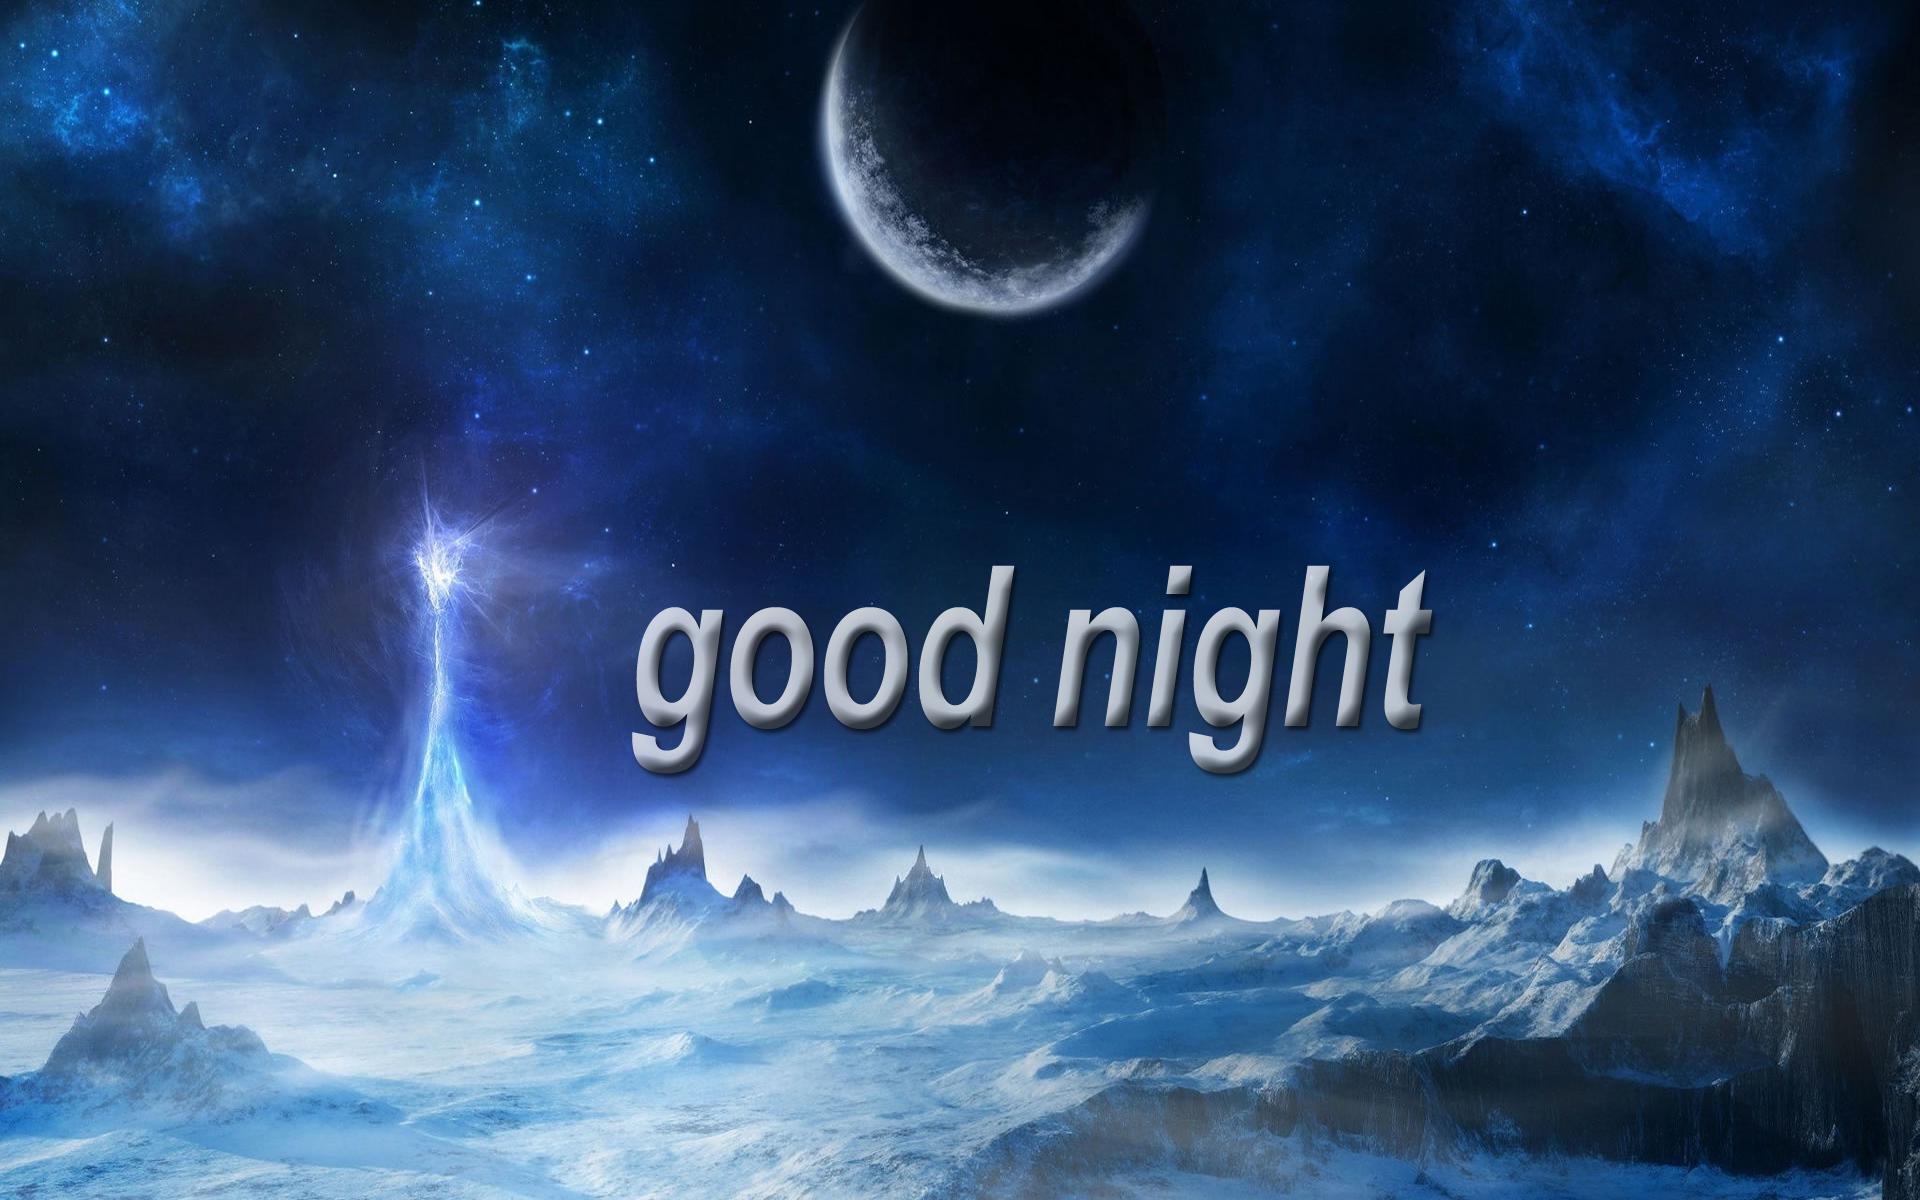 صور مساء الخير Good Night صور مكتوب عليها مساء الخير (34)